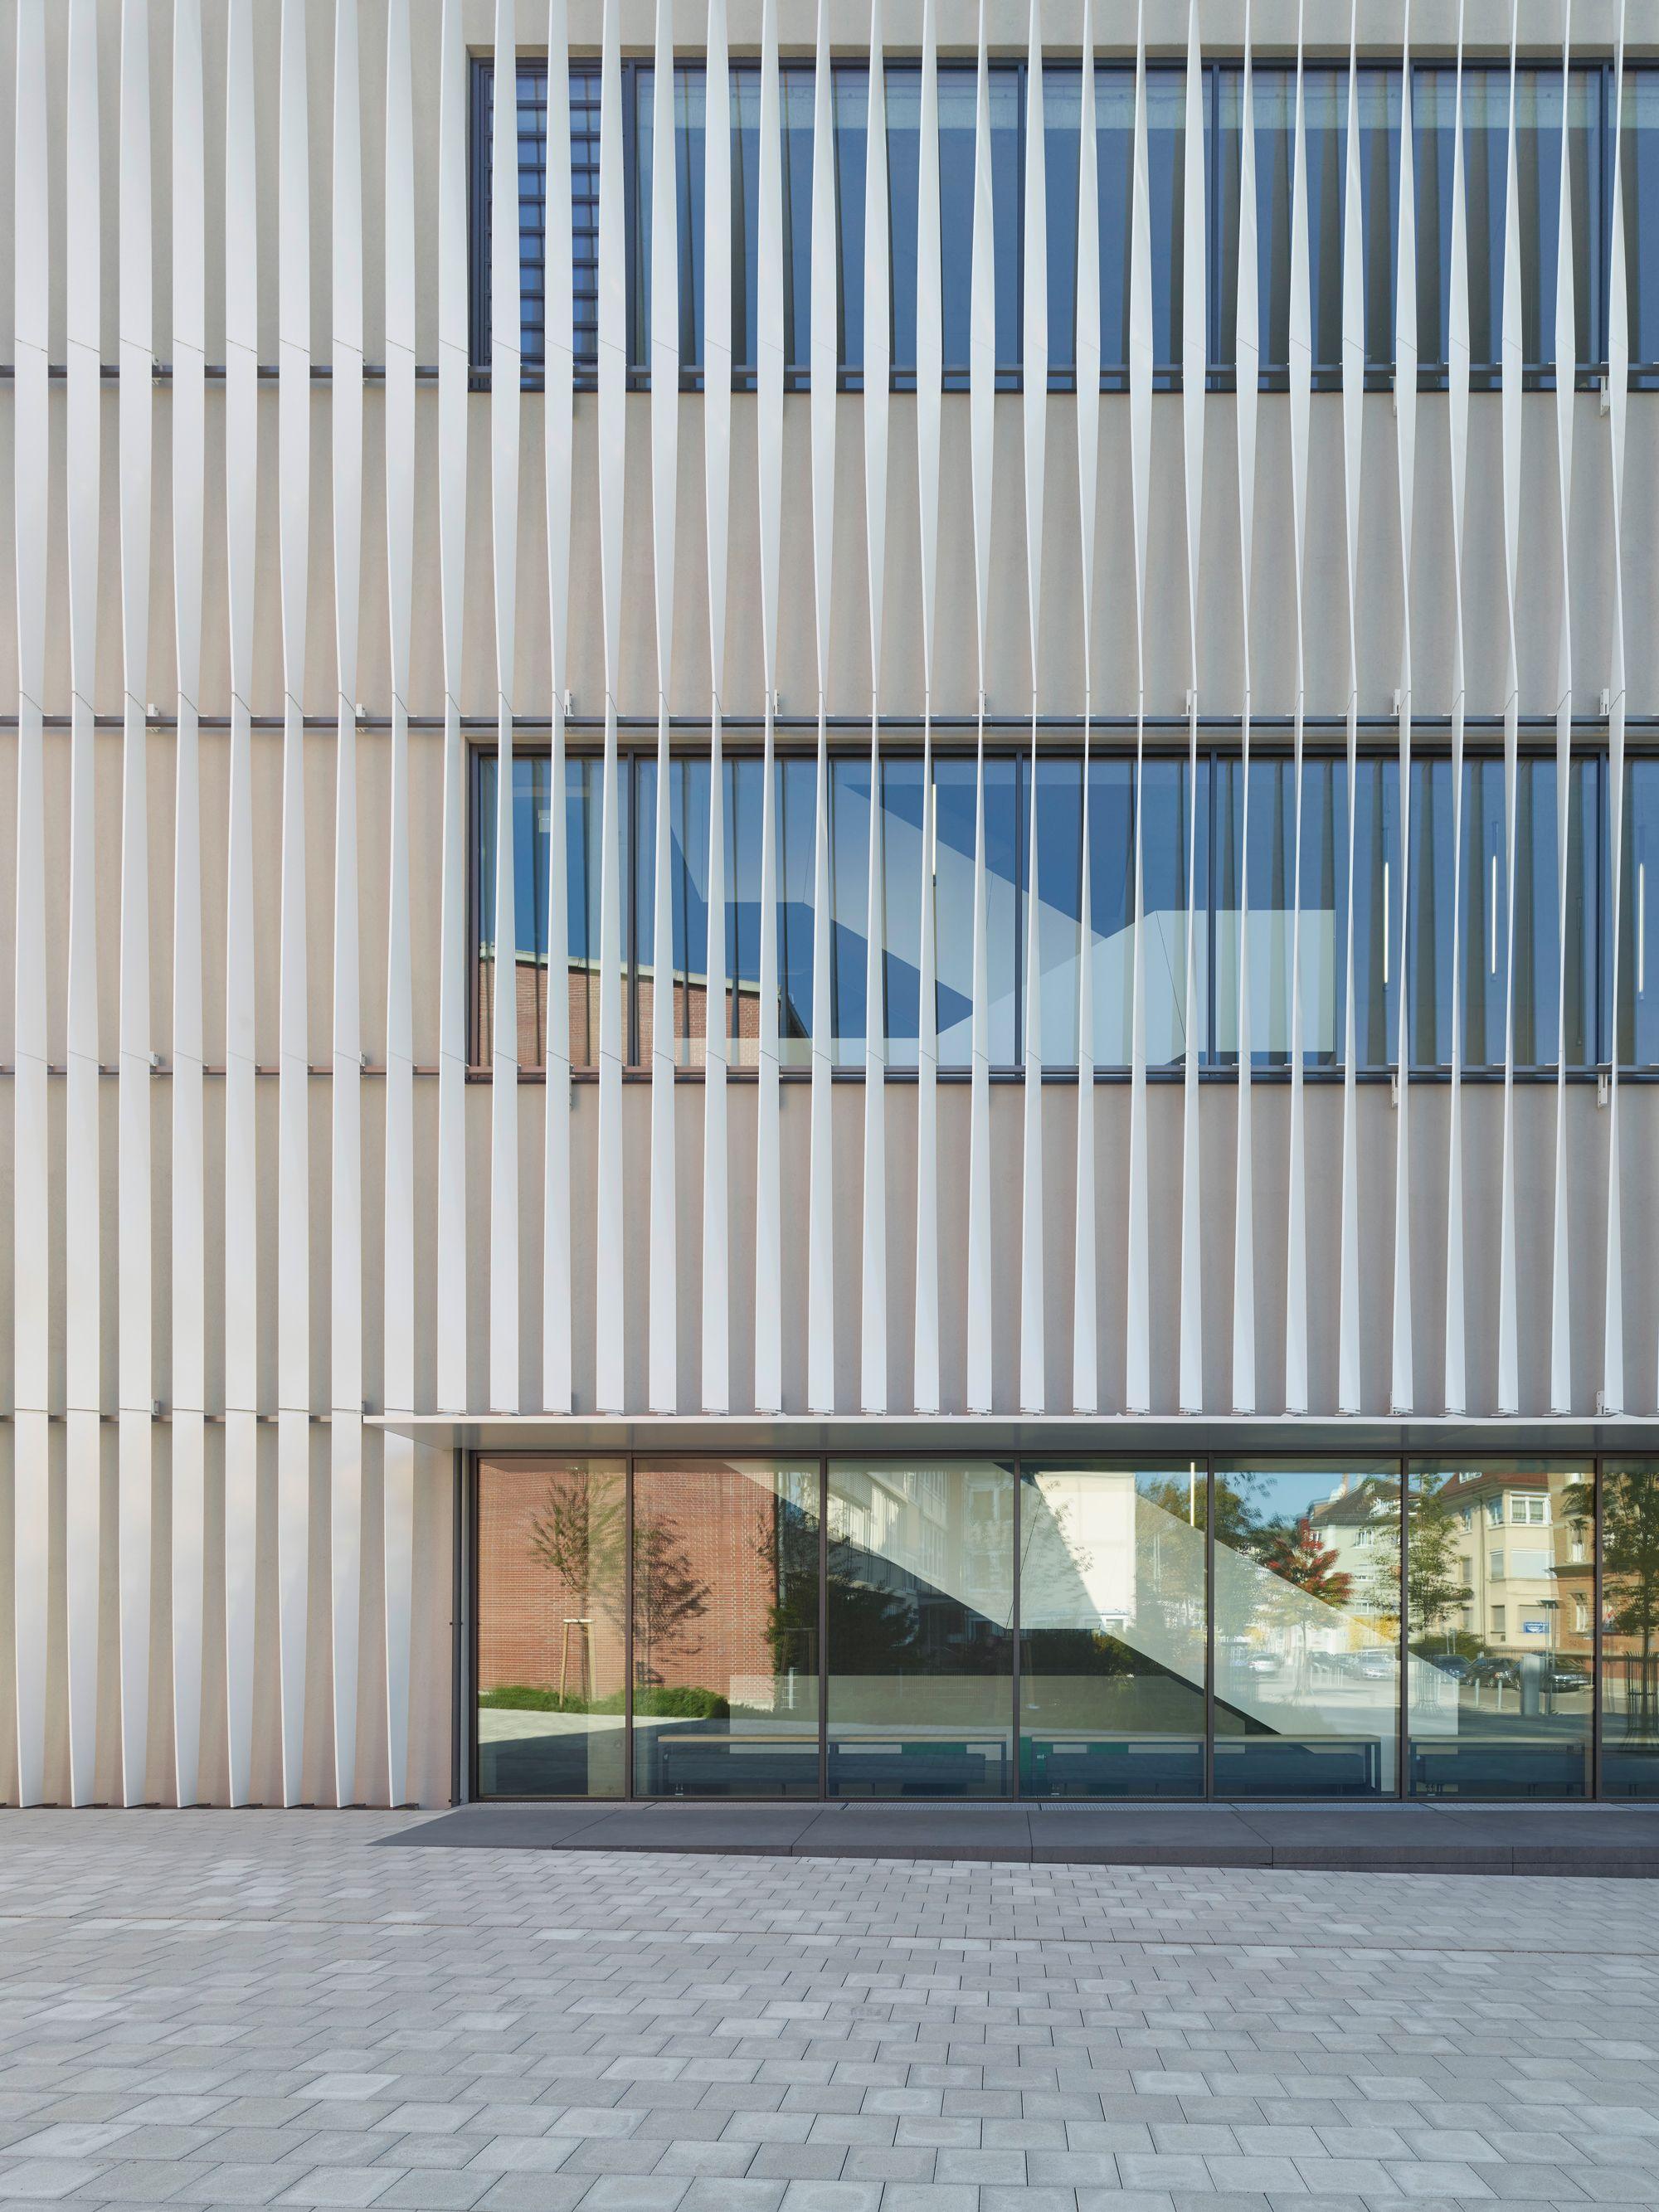 Architekten Ulm wandelbare fassade sporthalle h4a architekten ulm façades